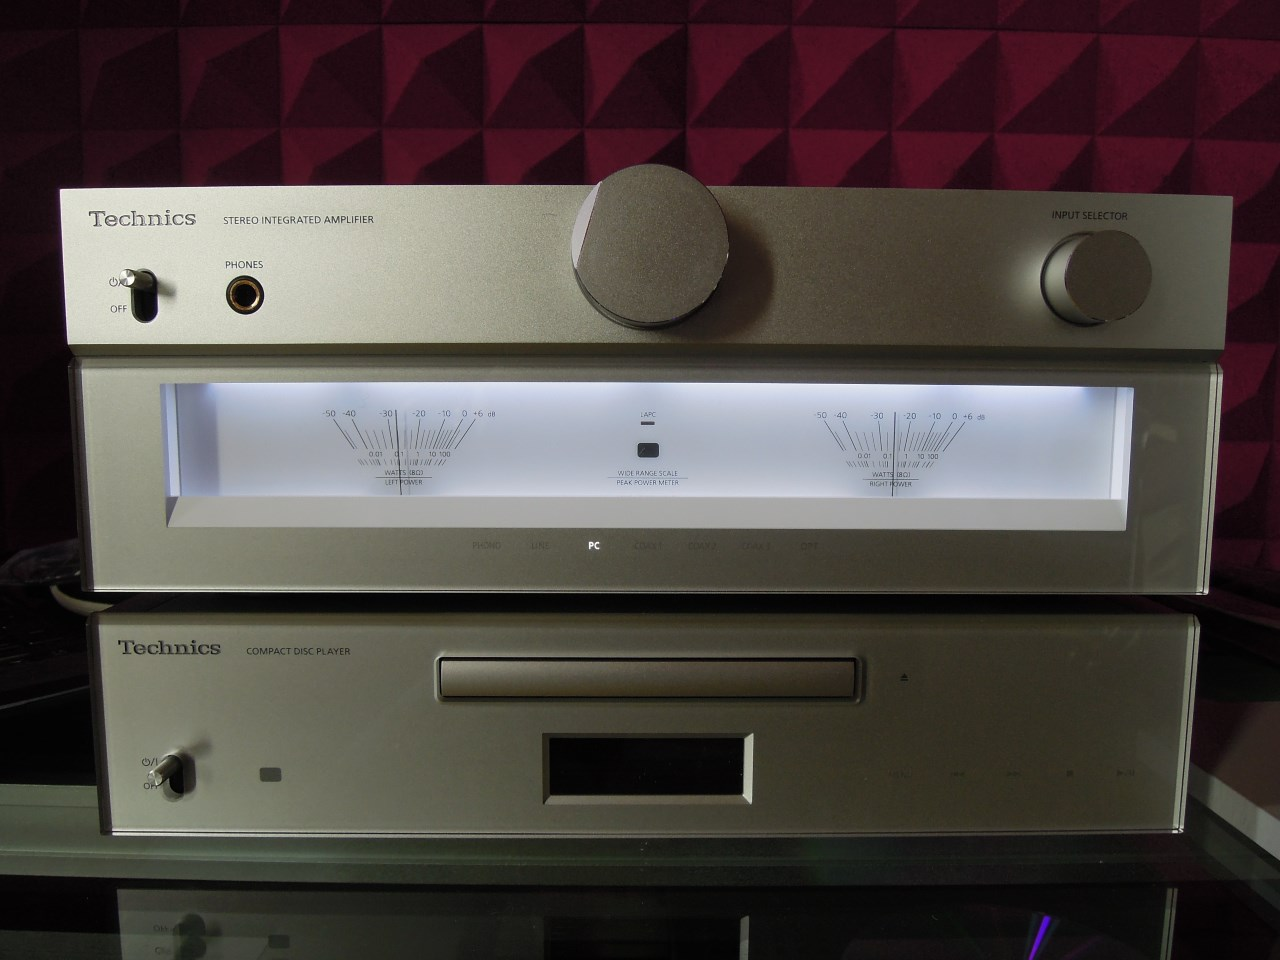 ascolto technics lettore cd sl c700 e amplificatore integrato su c700. Black Bedroom Furniture Sets. Home Design Ideas